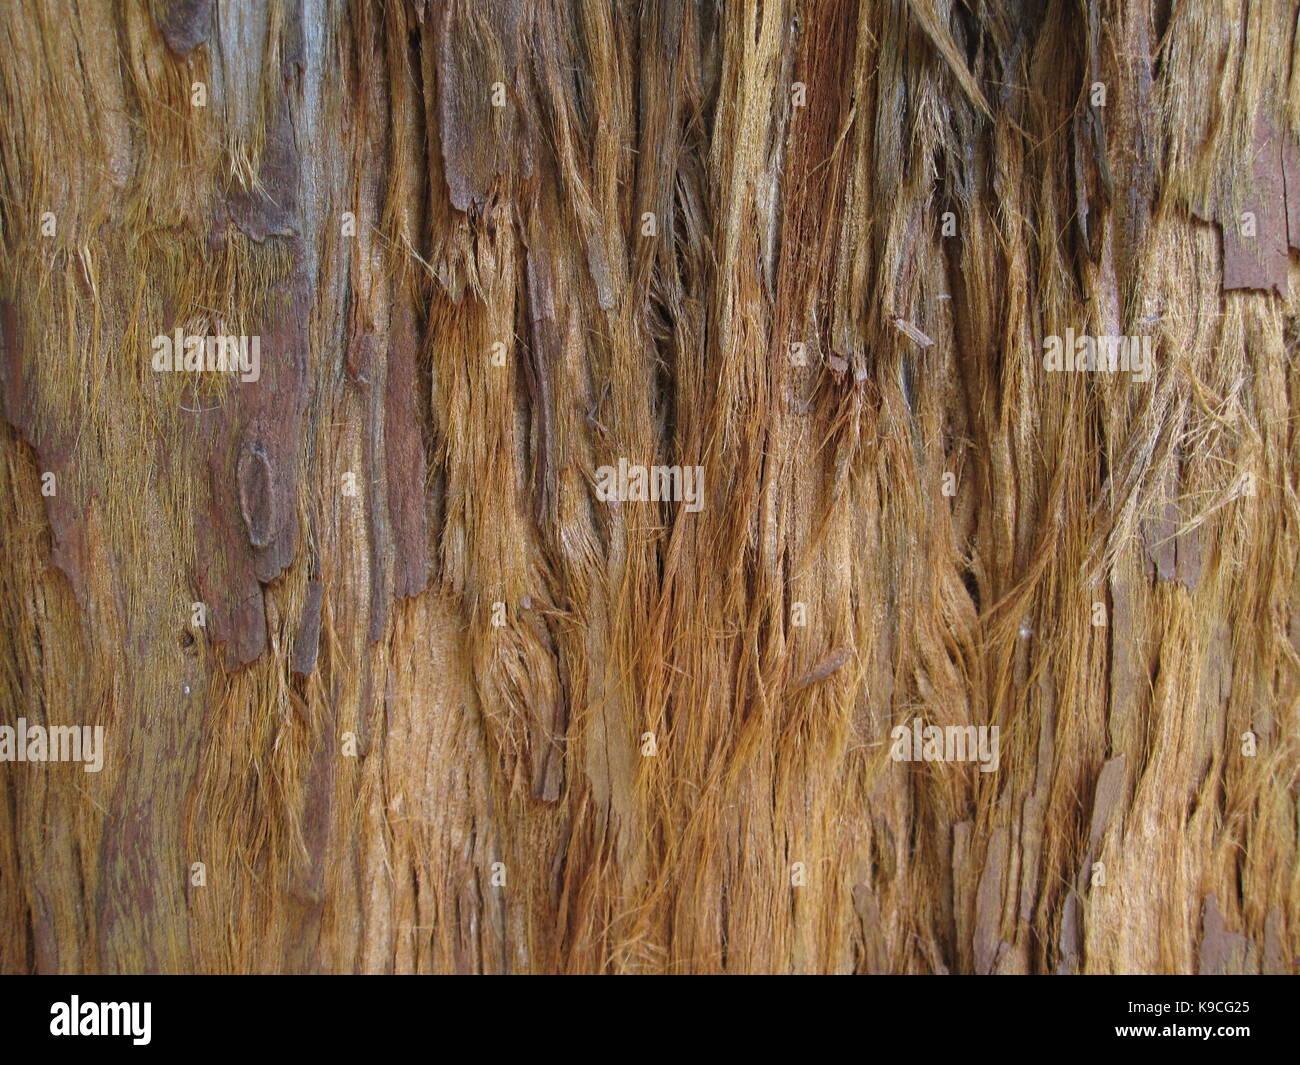 Casca de árvore com fibras, rústica - Stock Image